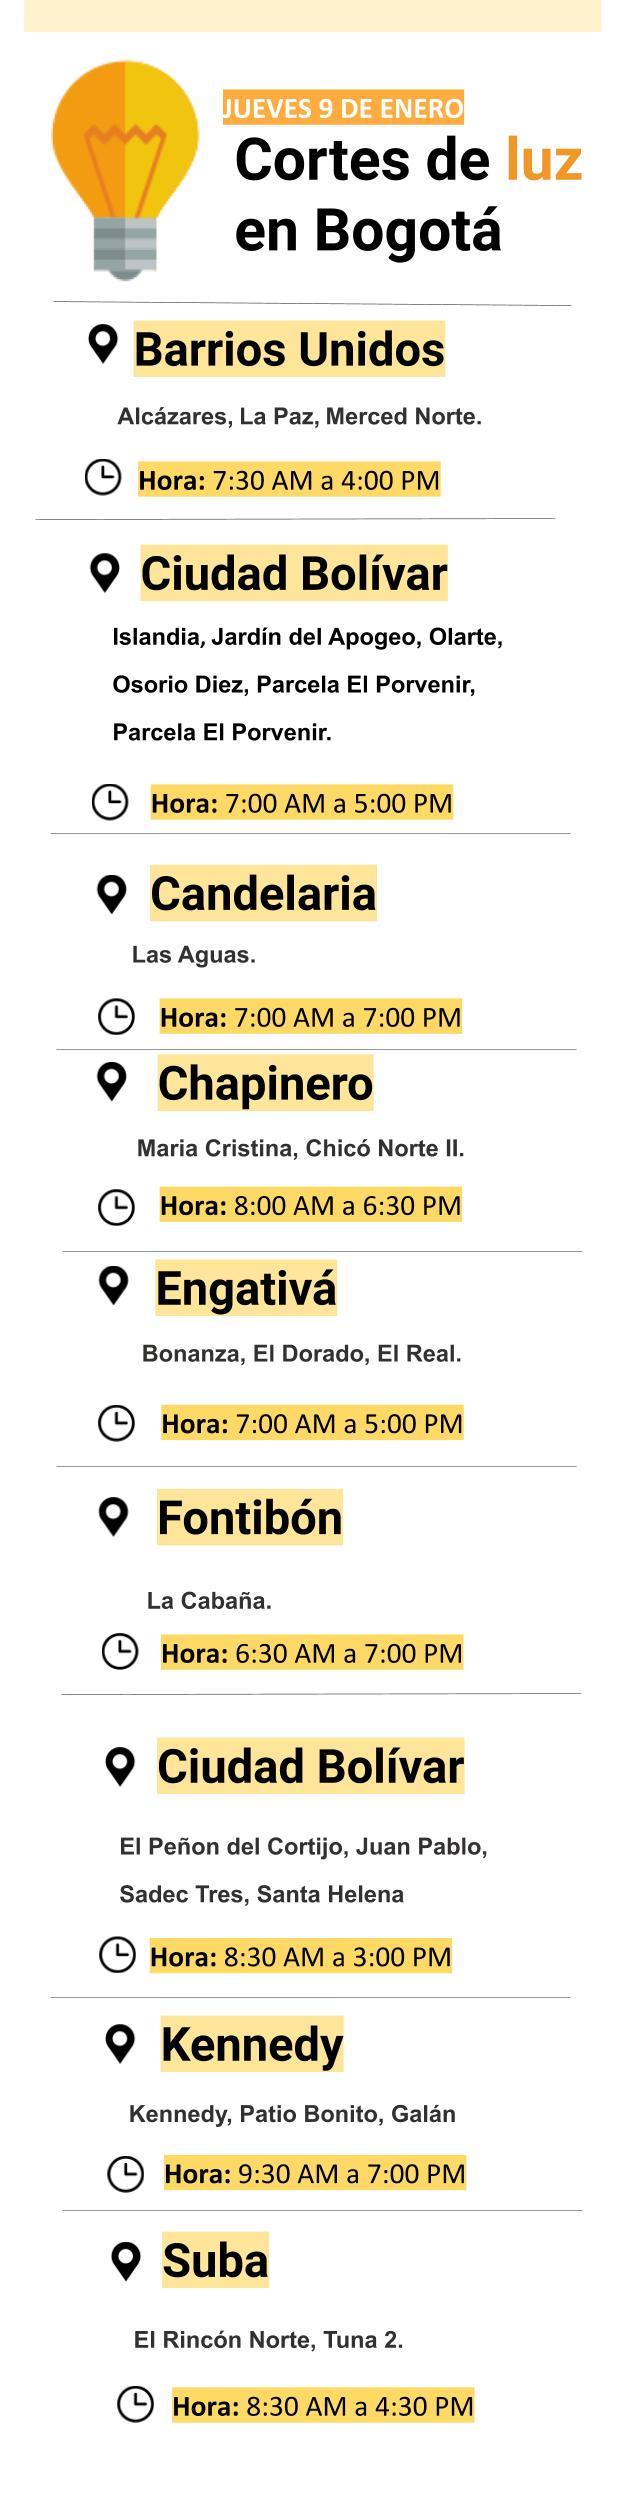 Cortes de luz en Bogotá para el jueves